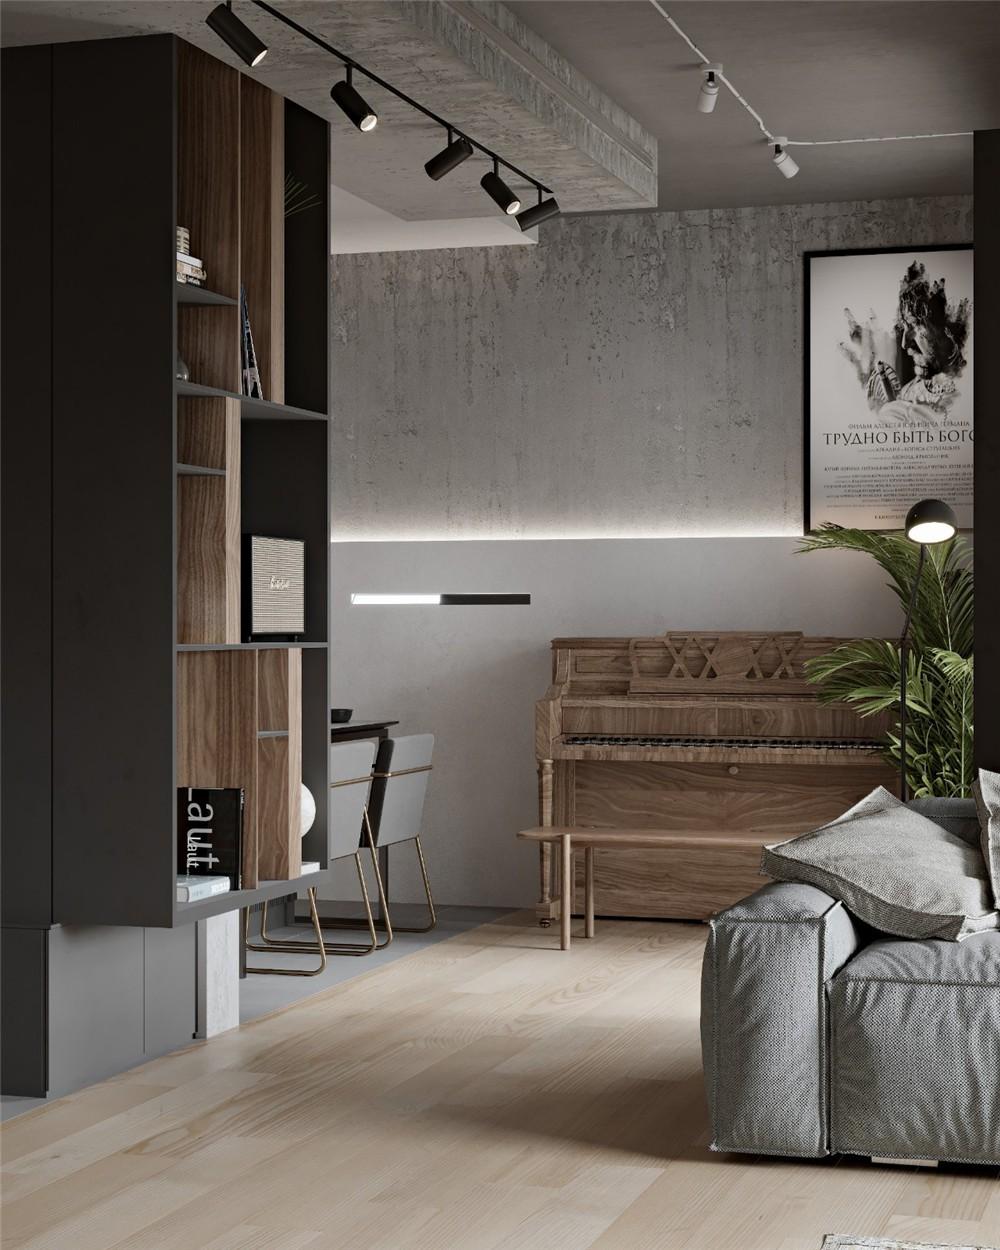 2020現代客廳裝修設計 2020現代背景墻裝修設計